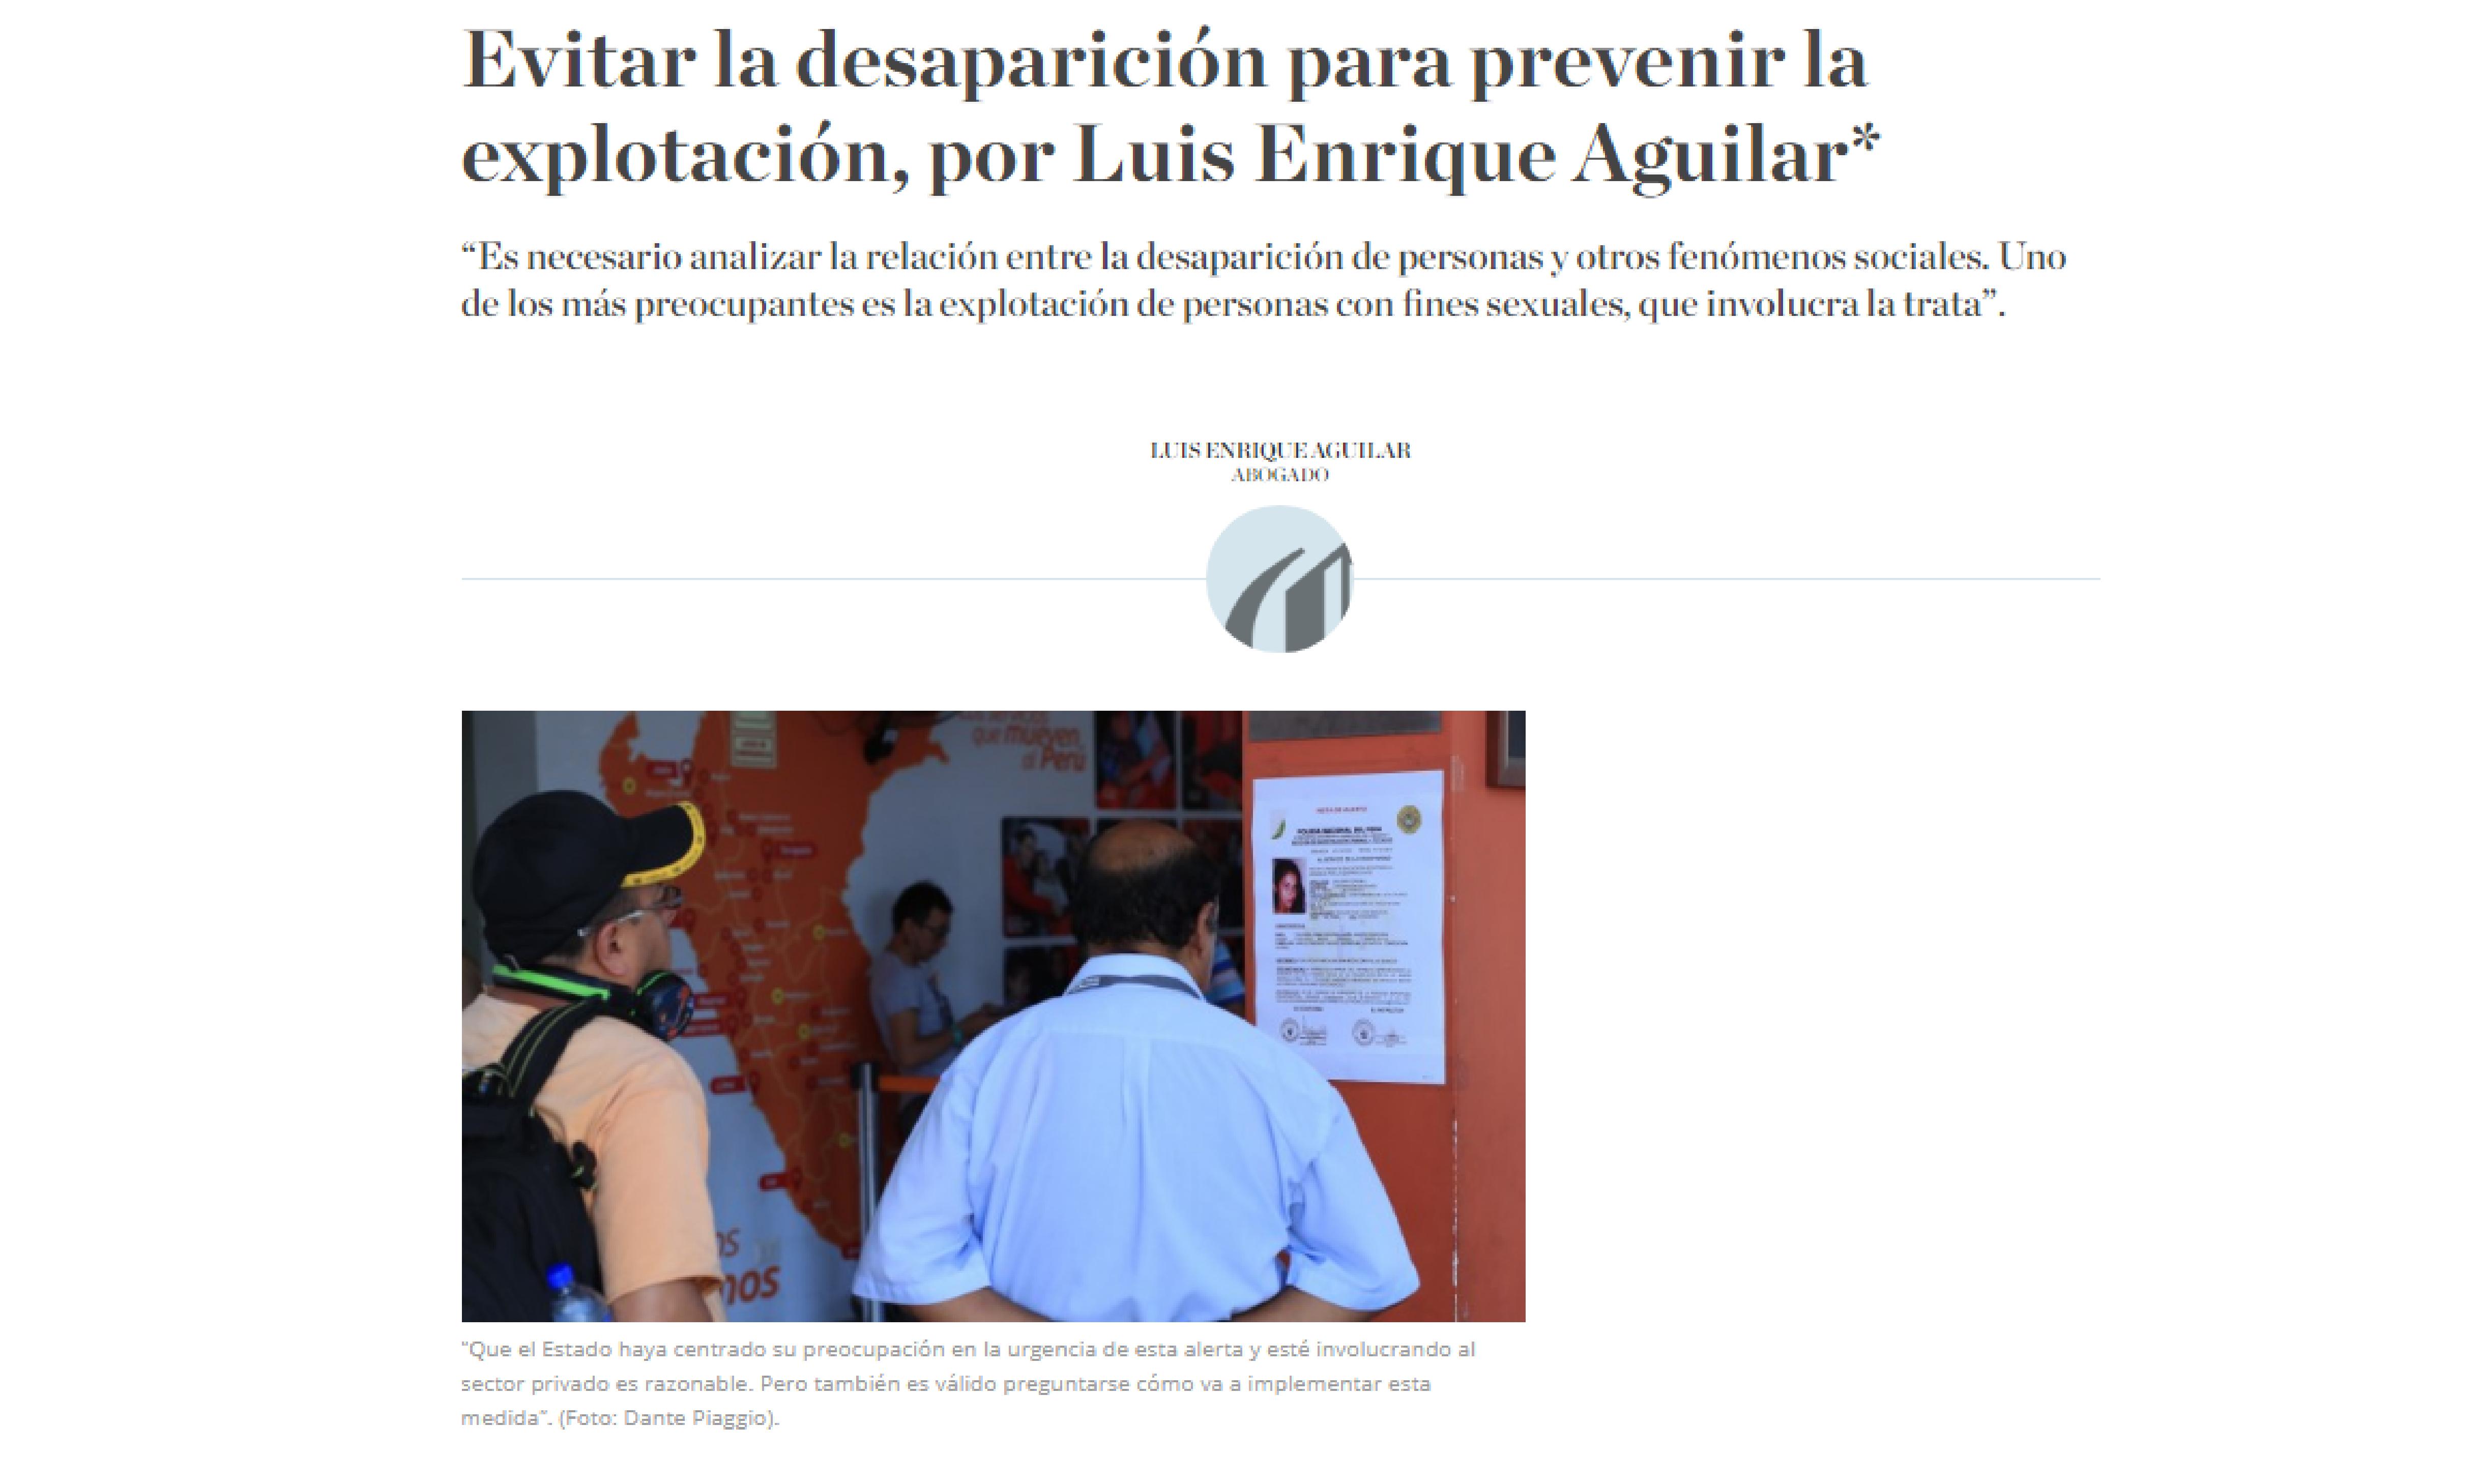 El Comercio: Evitar la desaparición para prevenir la explotación, por Luis Enrique Aguilar